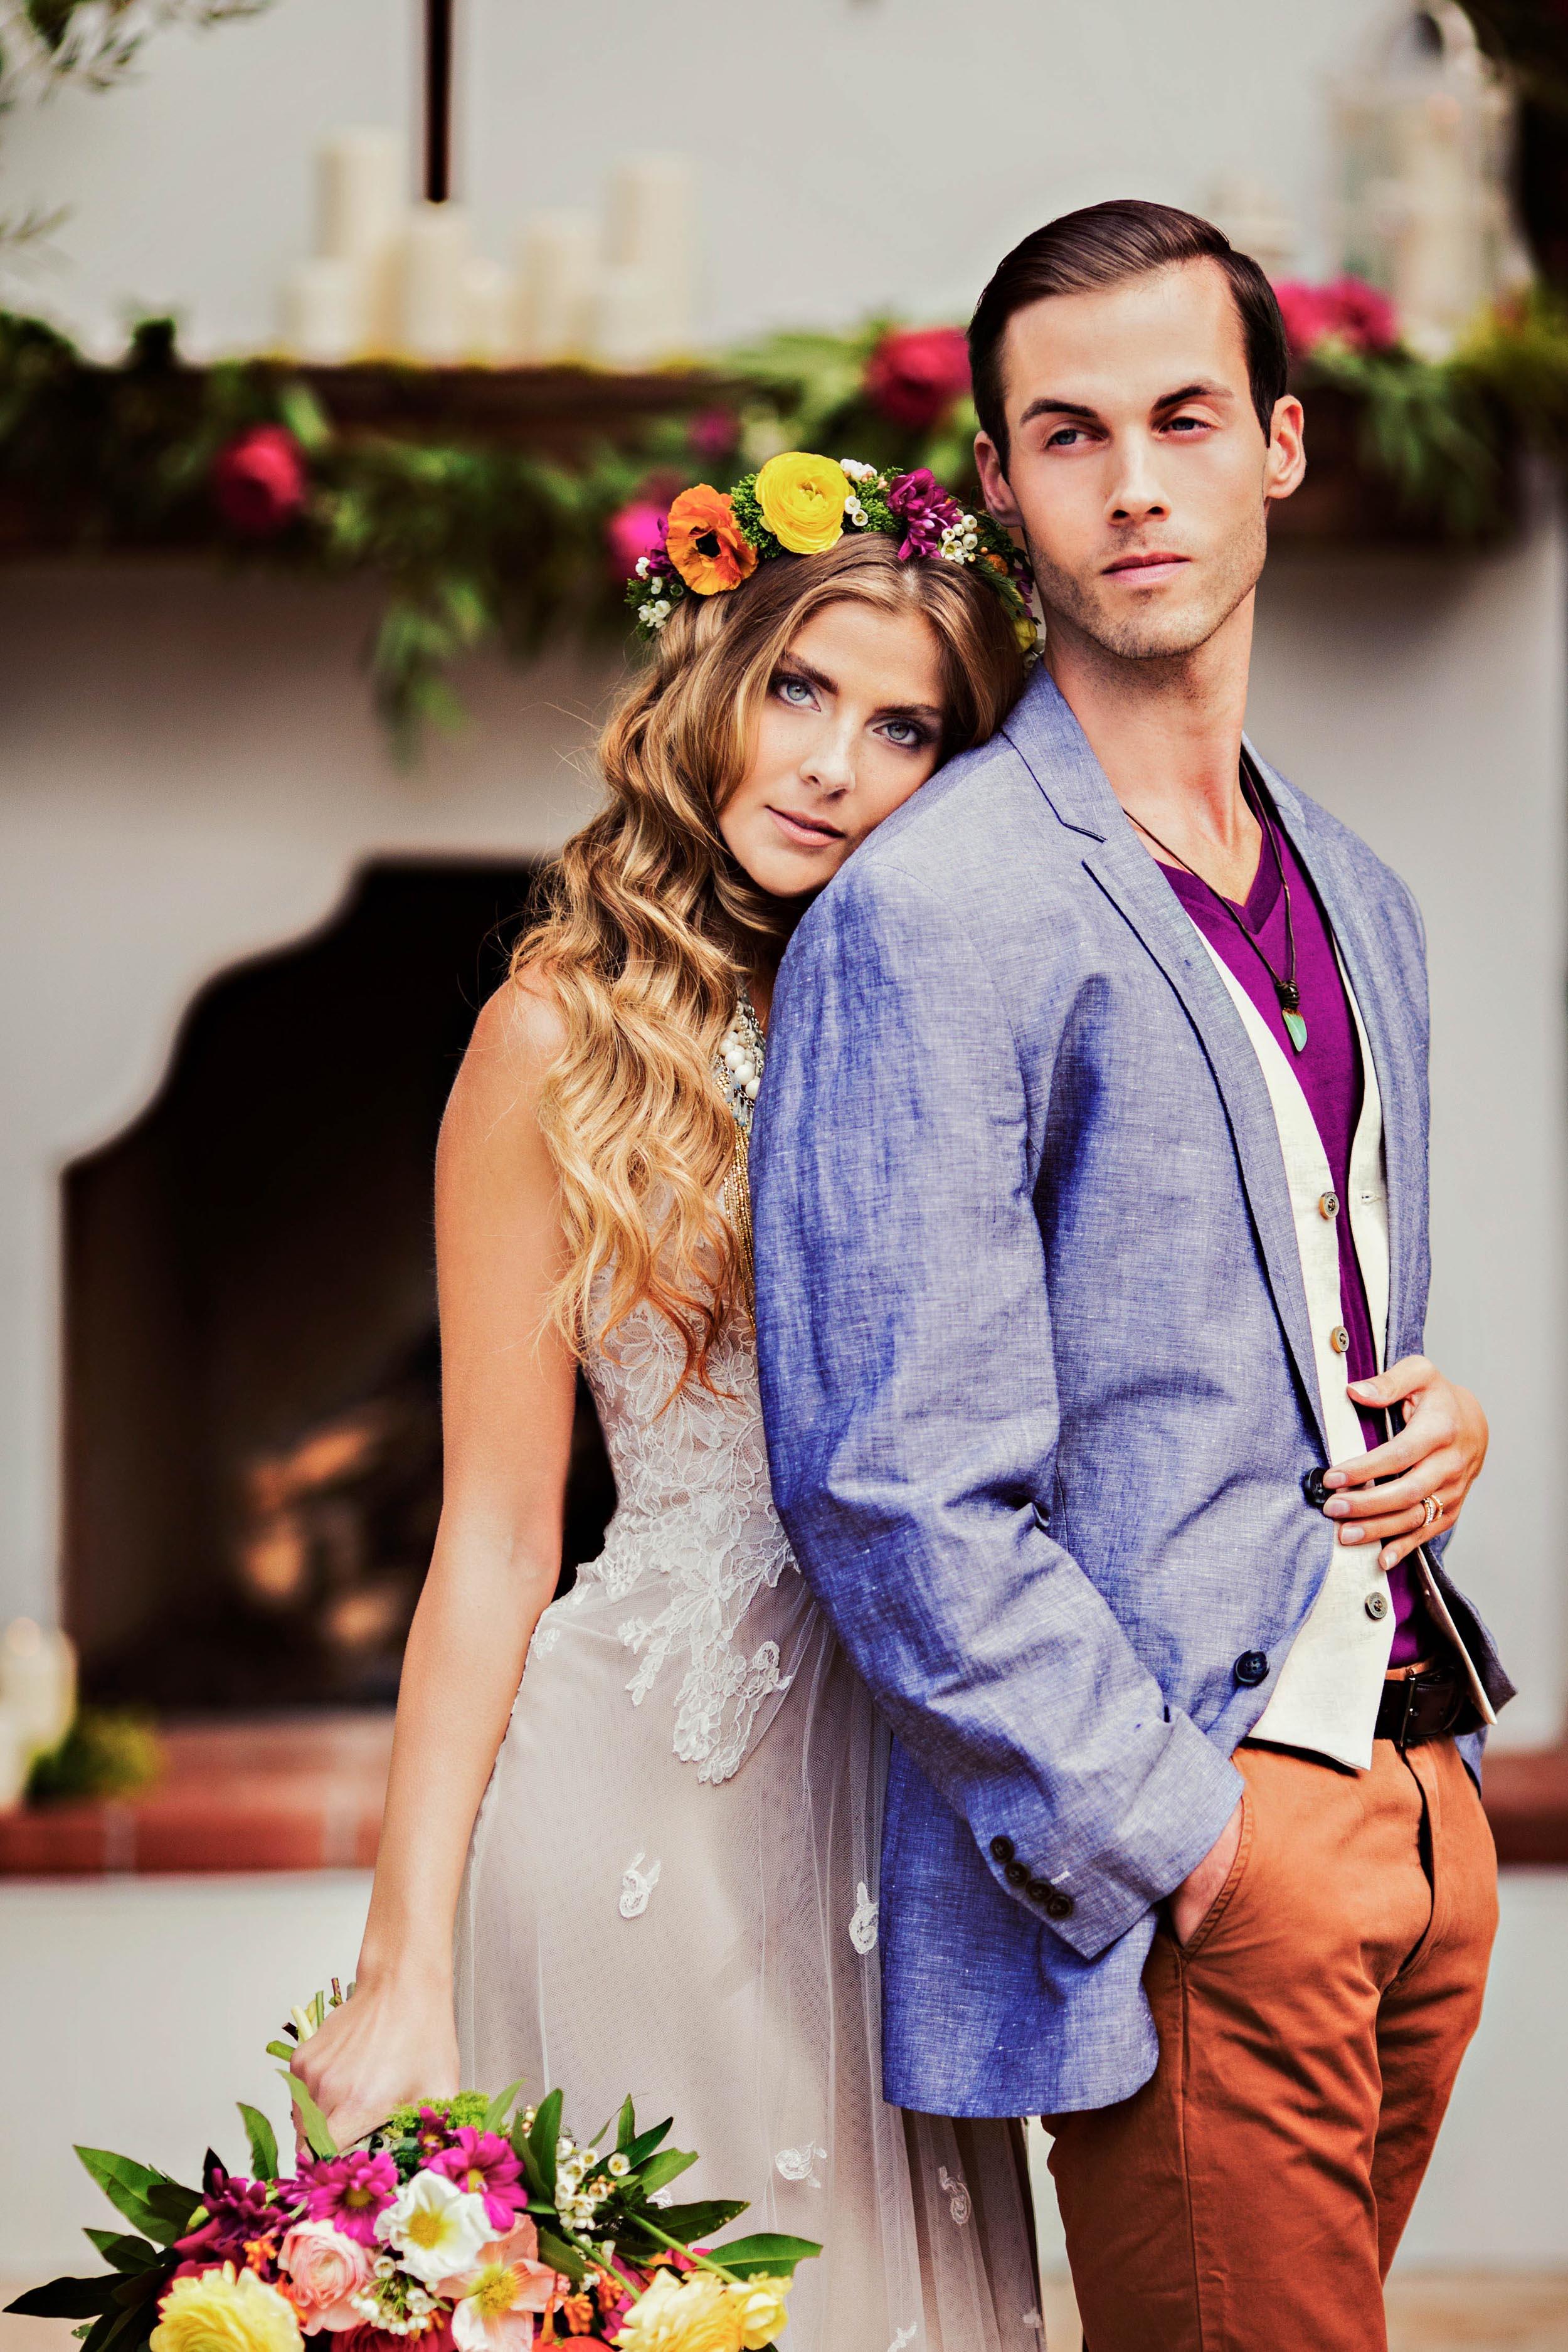 weddings-elchorro-08.jpg